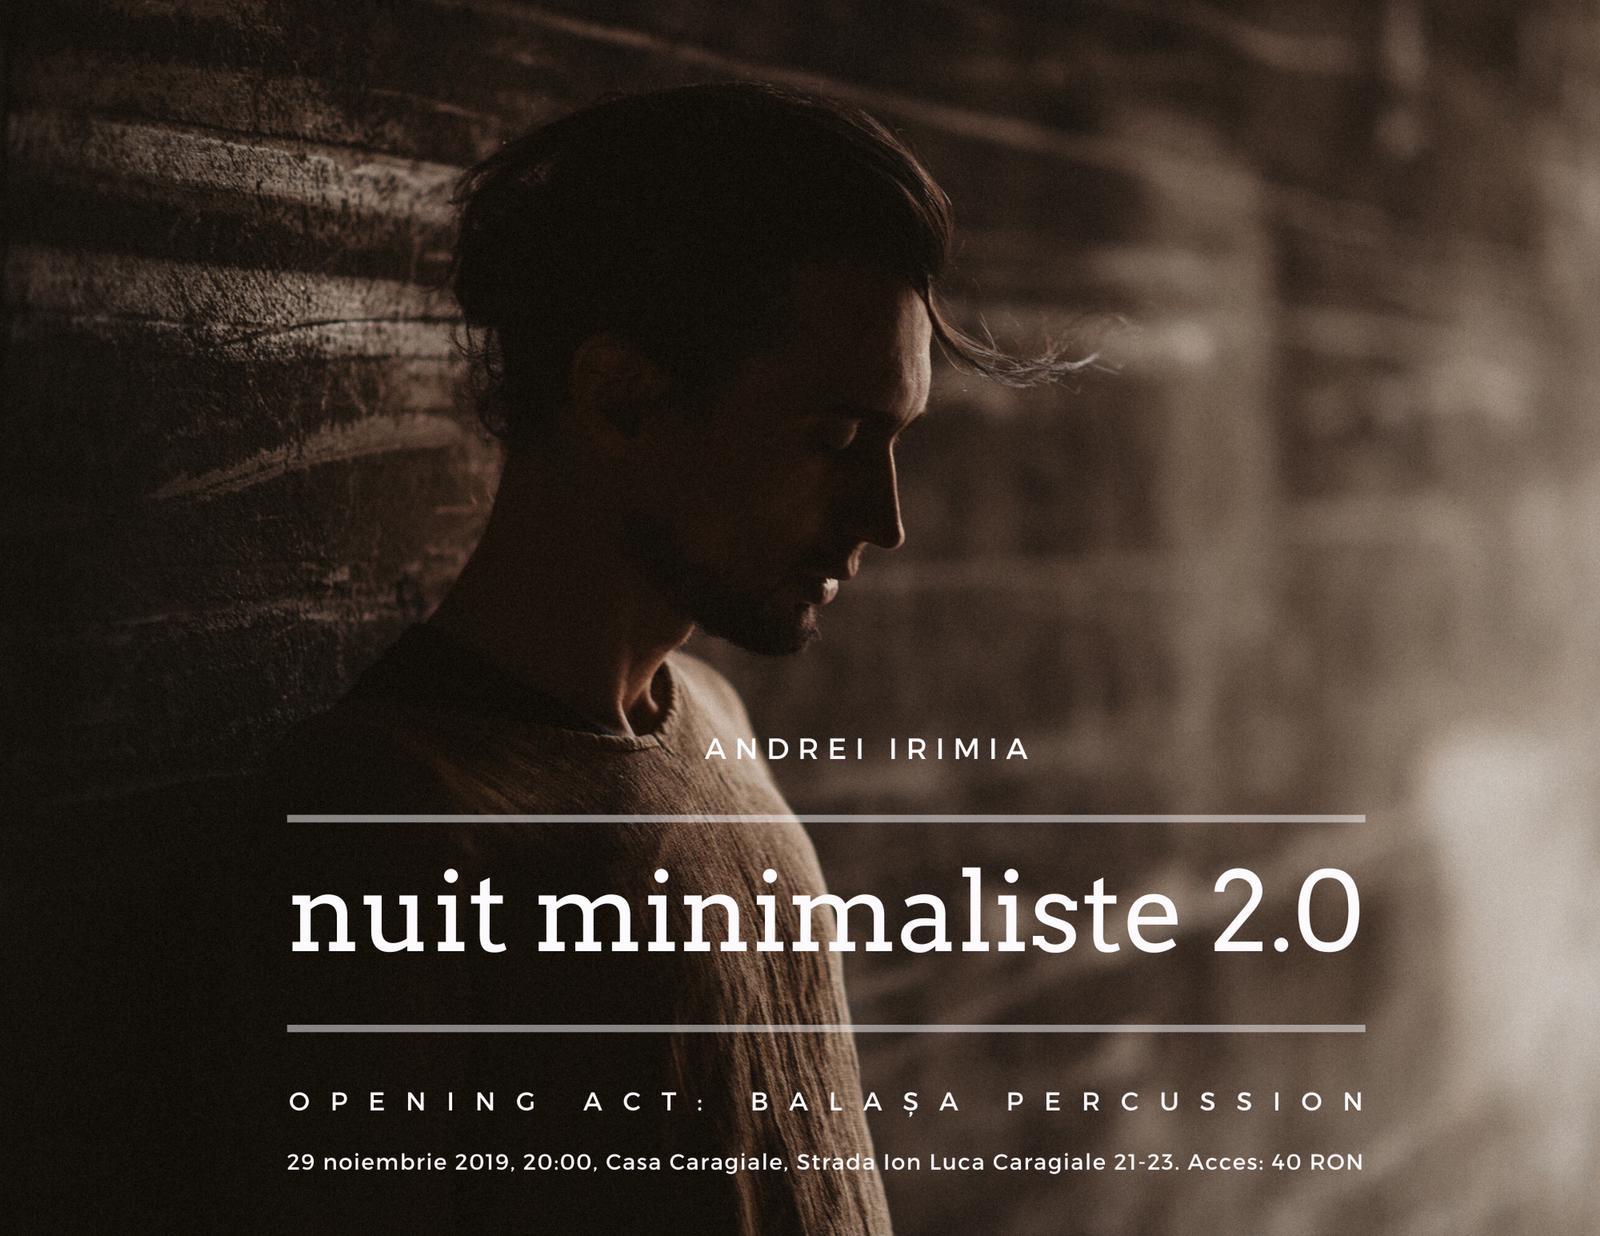 Nuit Minimaliste 2.0